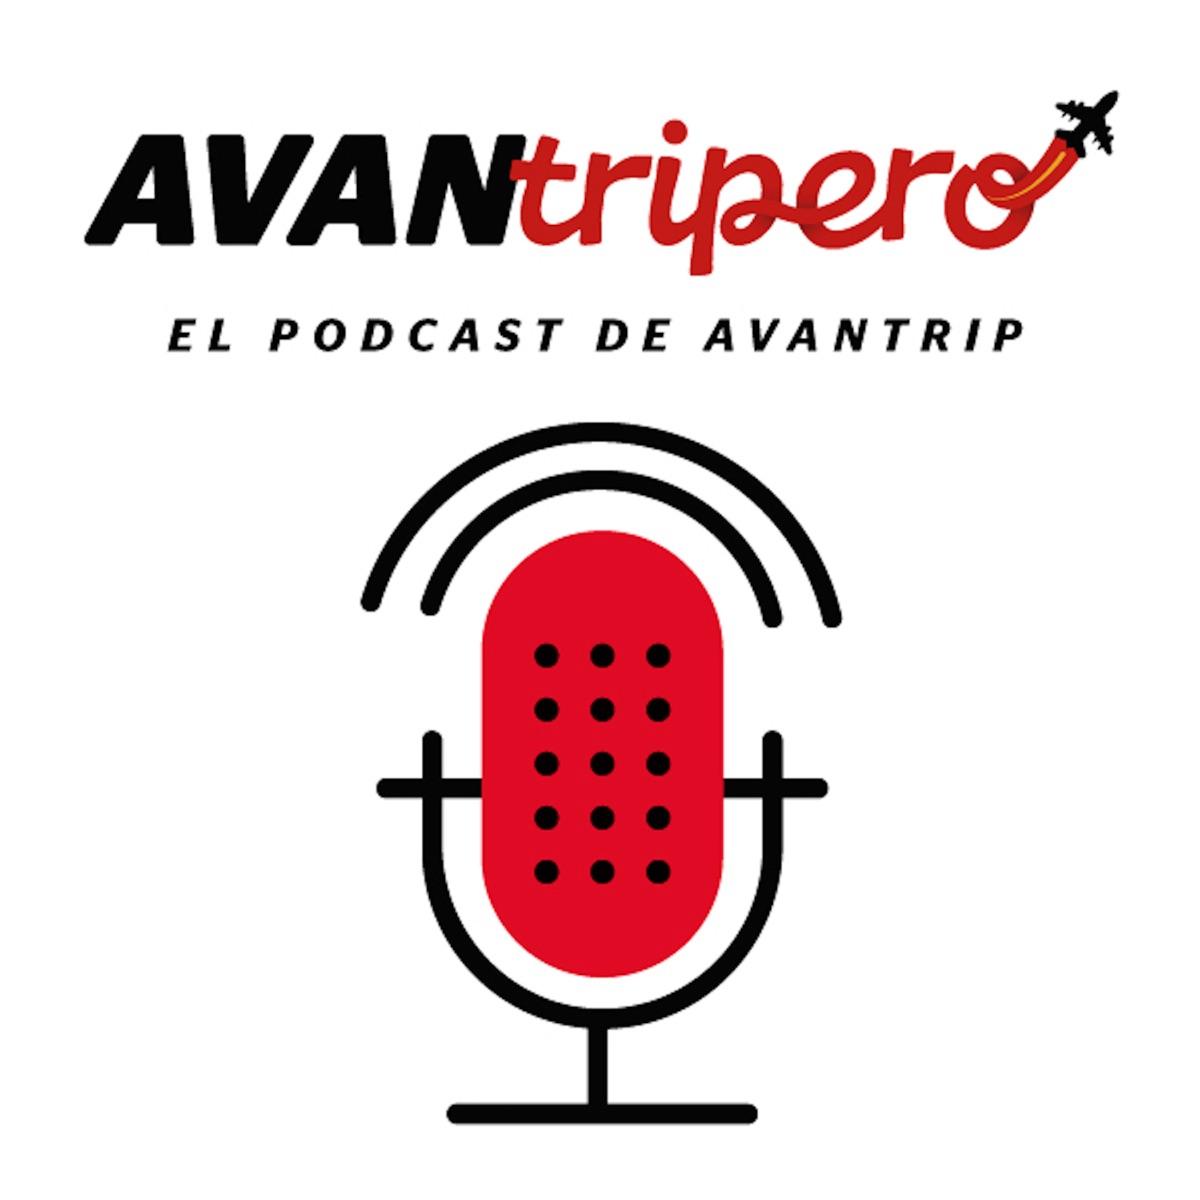 Avantripero, el Podcast de Avantrip